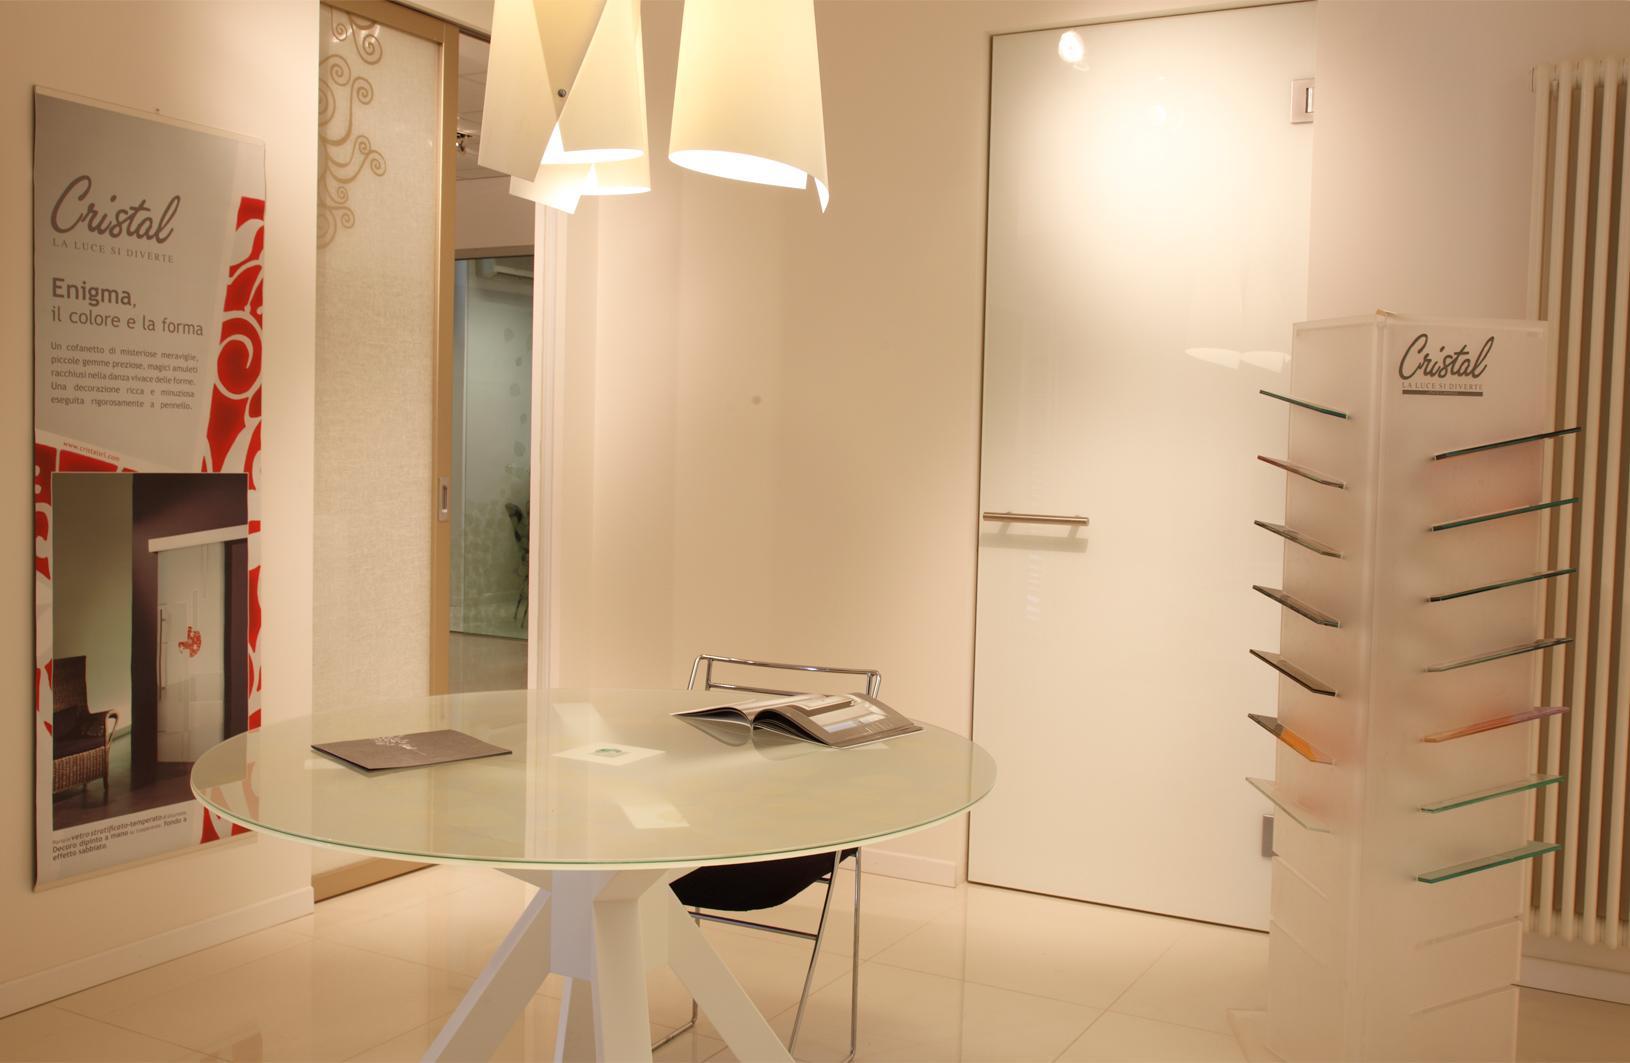 errebiplast porte e finestre made in italy. Black Bedroom Furniture Sets. Home Design Ideas